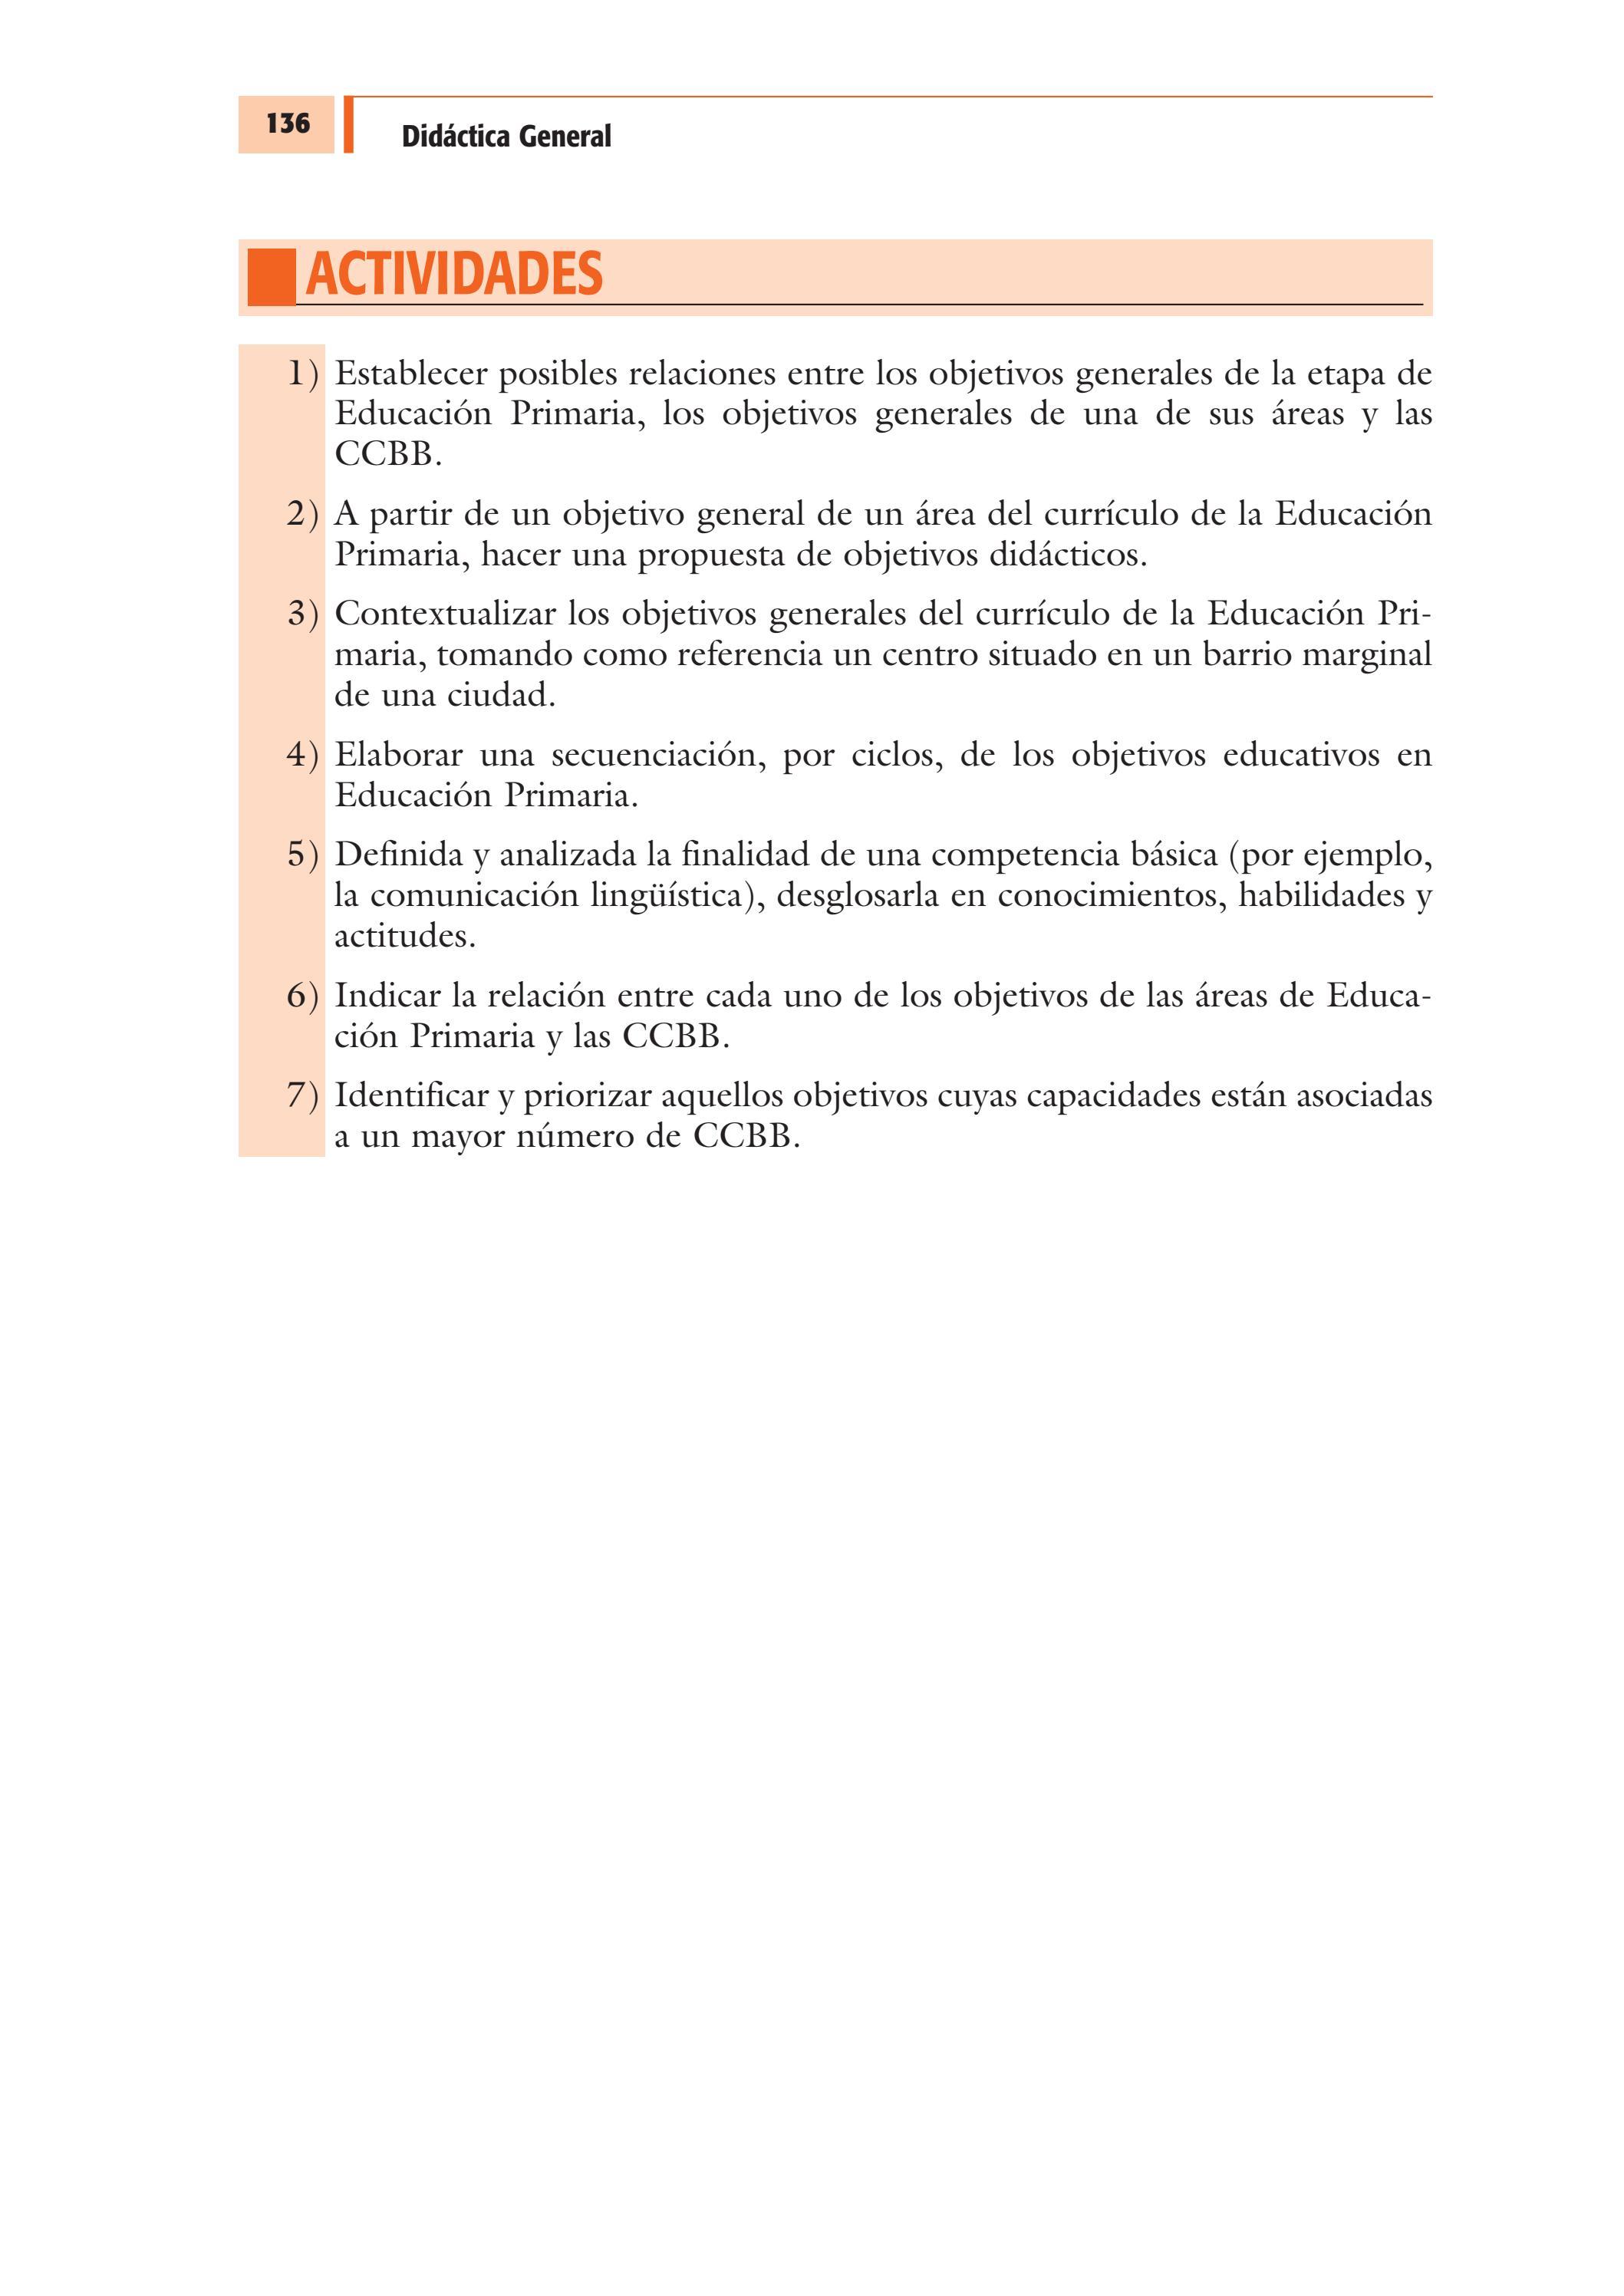 134443684 didactica general by rul culoi dndnn - issuu